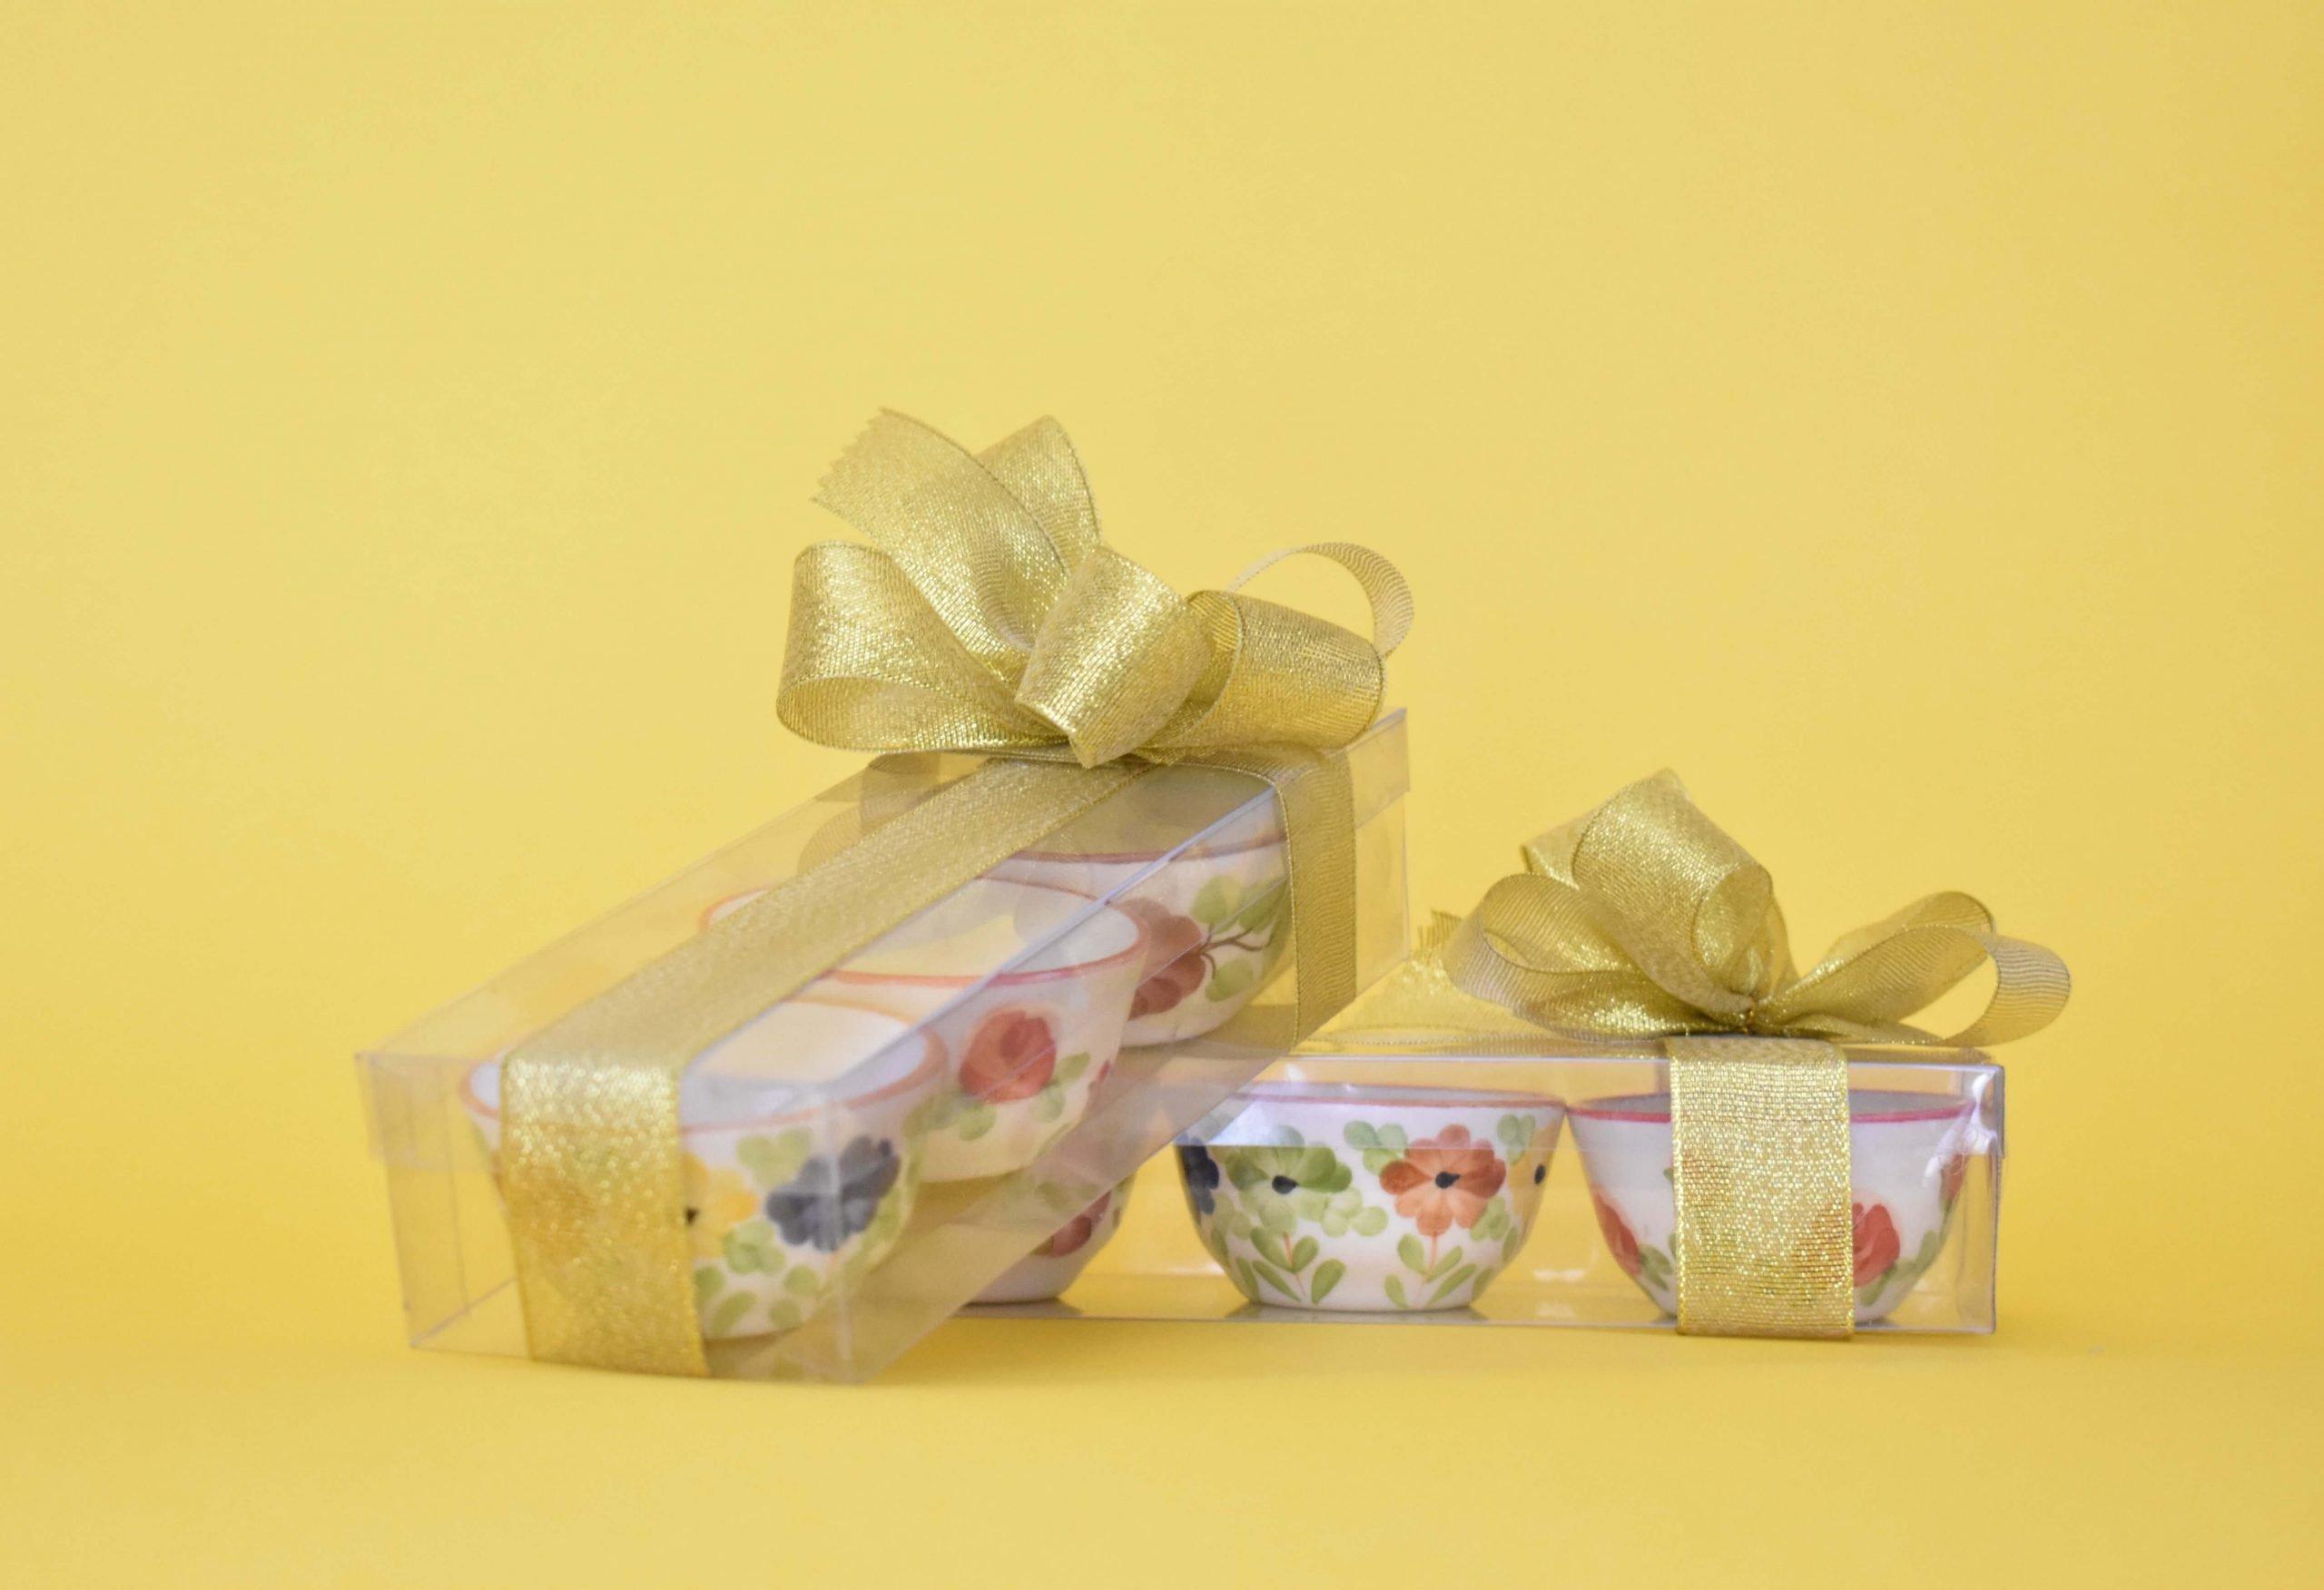 regalos y velas aromatizadas y aromaticas aromalife